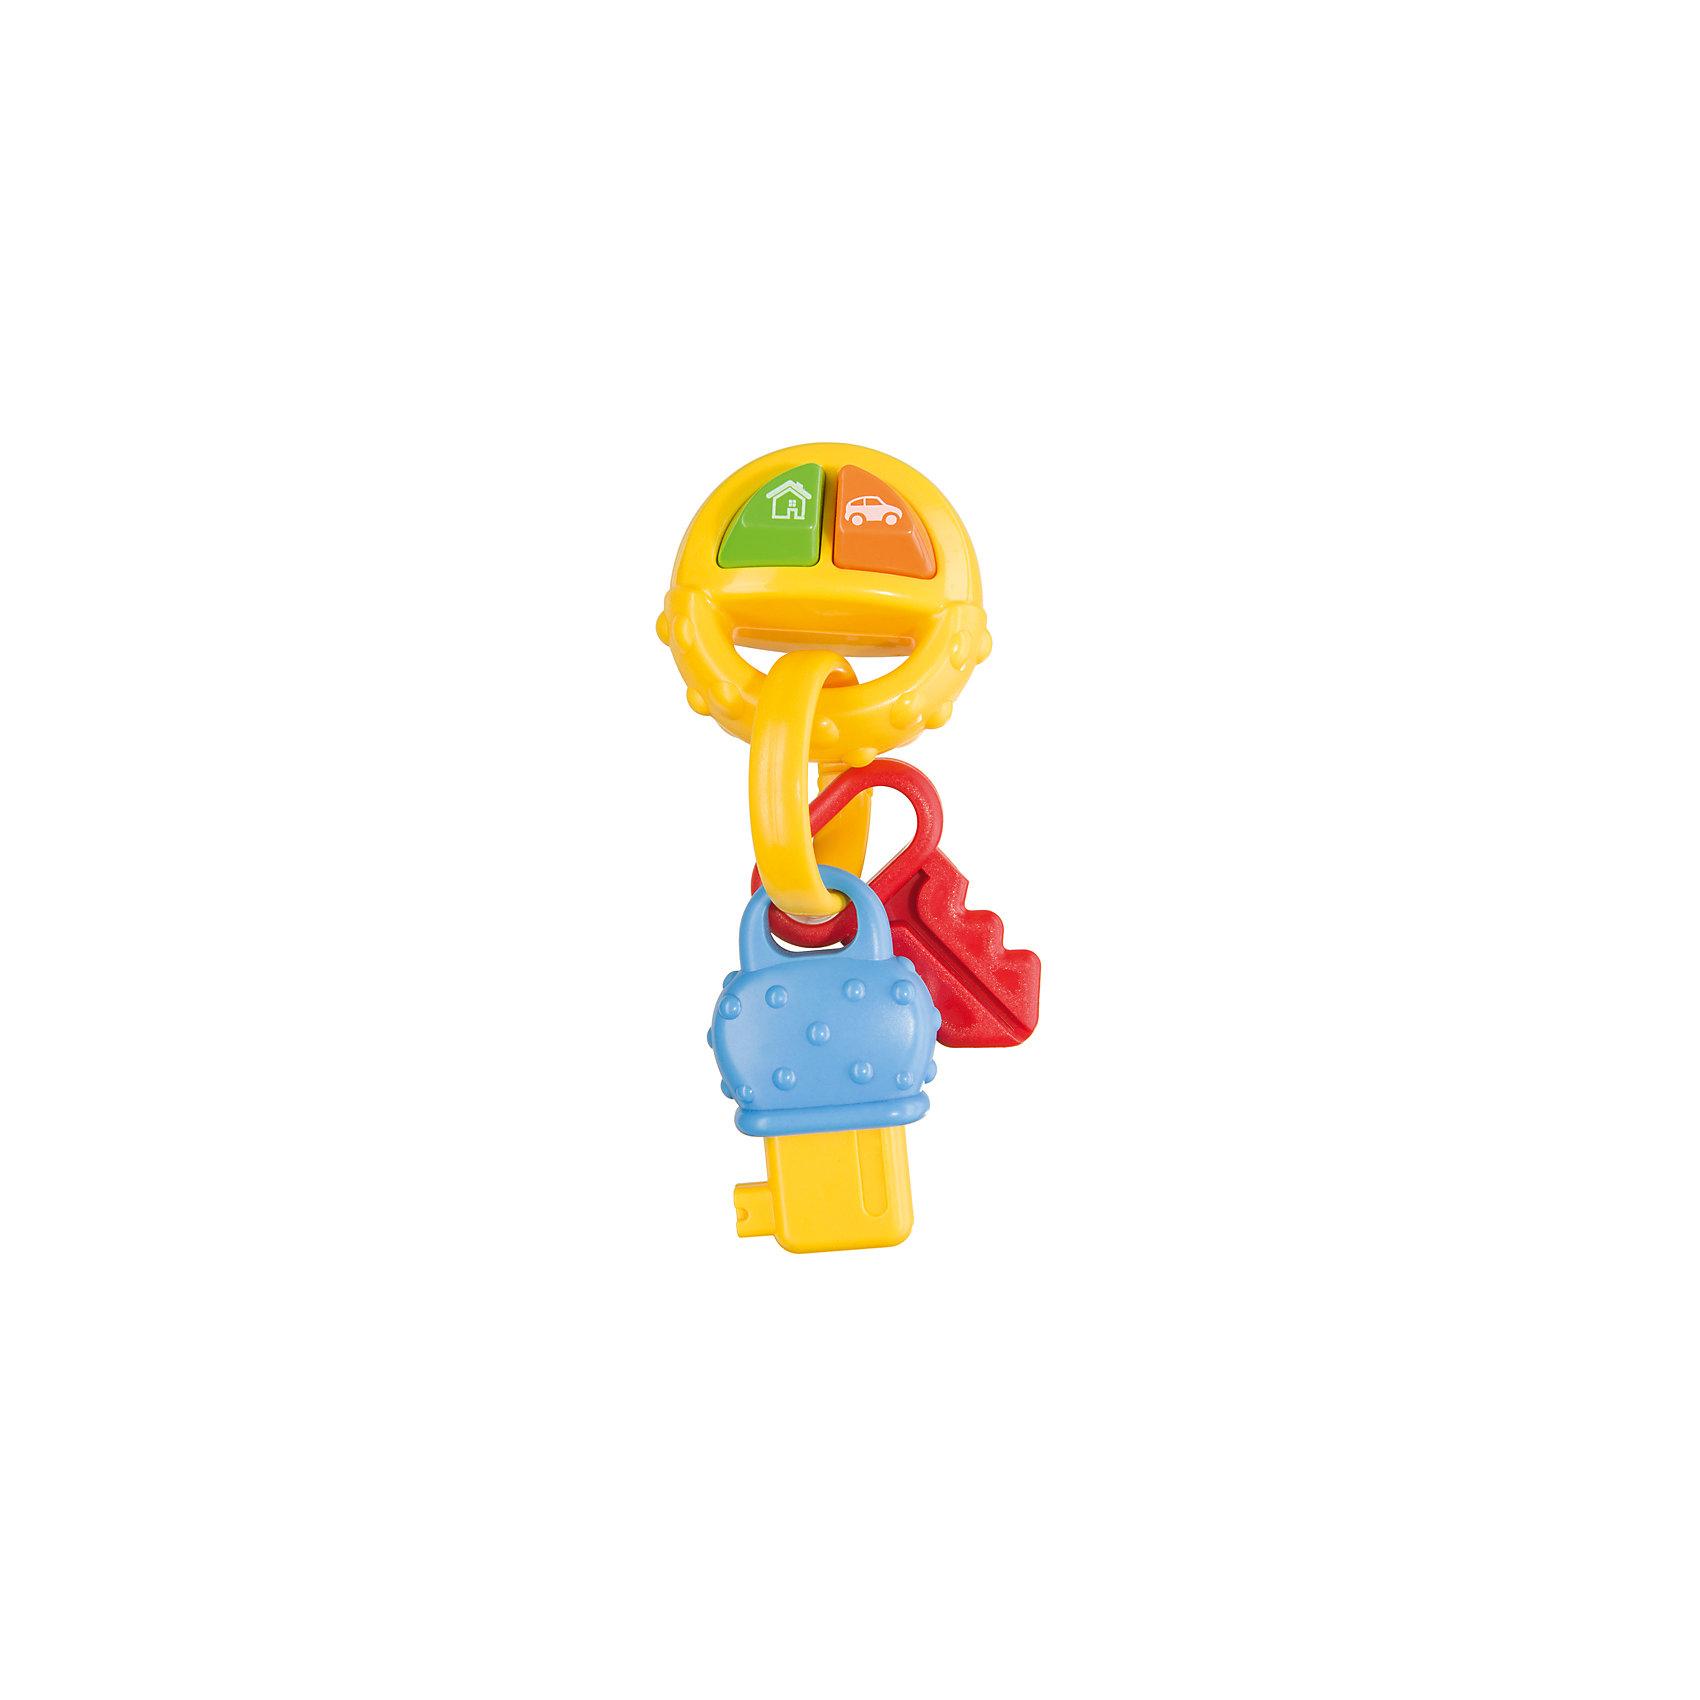 Игрушка PIP-PIP KEYS, Happy BabyРазвивающие игрушки<br>Характеристики товара:<br><br>• возраст: от 6 месяцев;<br>• материал: пластик;<br>• тип батареек: 2 батарейки LR44;<br>• наличие батареек: в комплекте;<br>• размер упаковки: 24х15х5 см;<br>• вес упаковки: 90 гр.;<br>• страна производитель: Китай.<br><br>Игрушка «PIP-PIP Keys» Happy Baby - развивающая игрушка для малышей, которая способствует развитию тактильных ощущений, мелкой моторики рук, цветового и зрительного восприятия. В процессе игры ребенок учится различать звуки, так как игрушка издает звуки автомобиля и звонка в дверь.<br><br>Фактурная поверхность позволяет использовать игрушку как прорезыватель для зубов, который снимет неприятные ощущения у малыша во время появления первых зубов. Игрушка изготовлена из качественного безопасного пластика.<br><br>Игрушку «PIP-PIP Keys» Happy Baby можно приобрести в нашем интернет-магазине.<br><br>Ширина мм: 45<br>Глубина мм: 135<br>Высота мм: 235<br>Вес г: 90<br>Возраст от месяцев: 6<br>Возраст до месяцев: 36<br>Пол: Унисекс<br>Возраст: Детский<br>SKU: 5345693